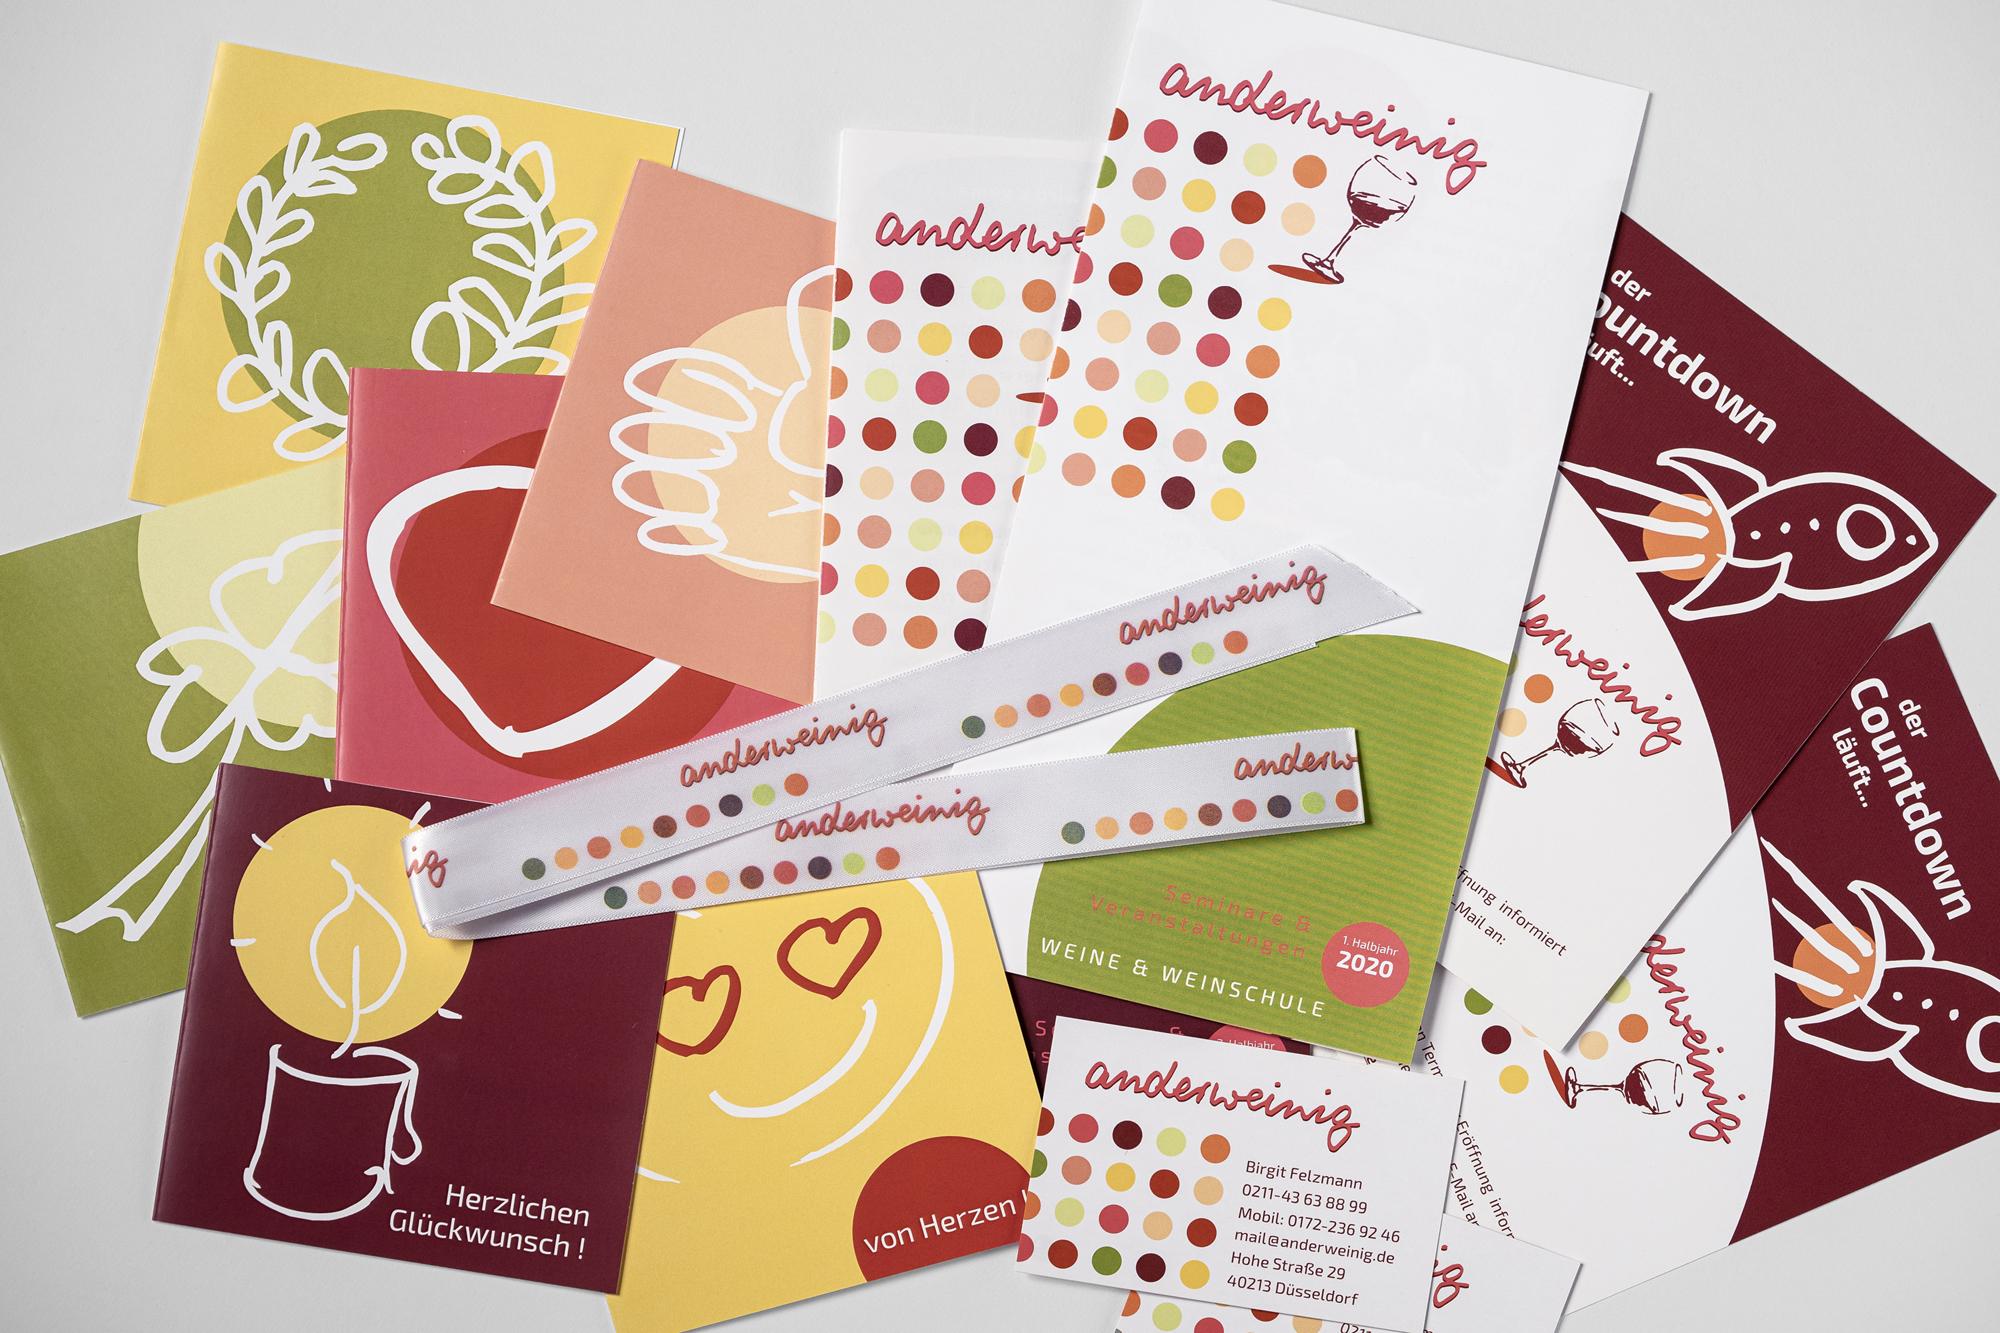 alle Druckmedien inkl. Geschenkband – passend zum Corporate Design